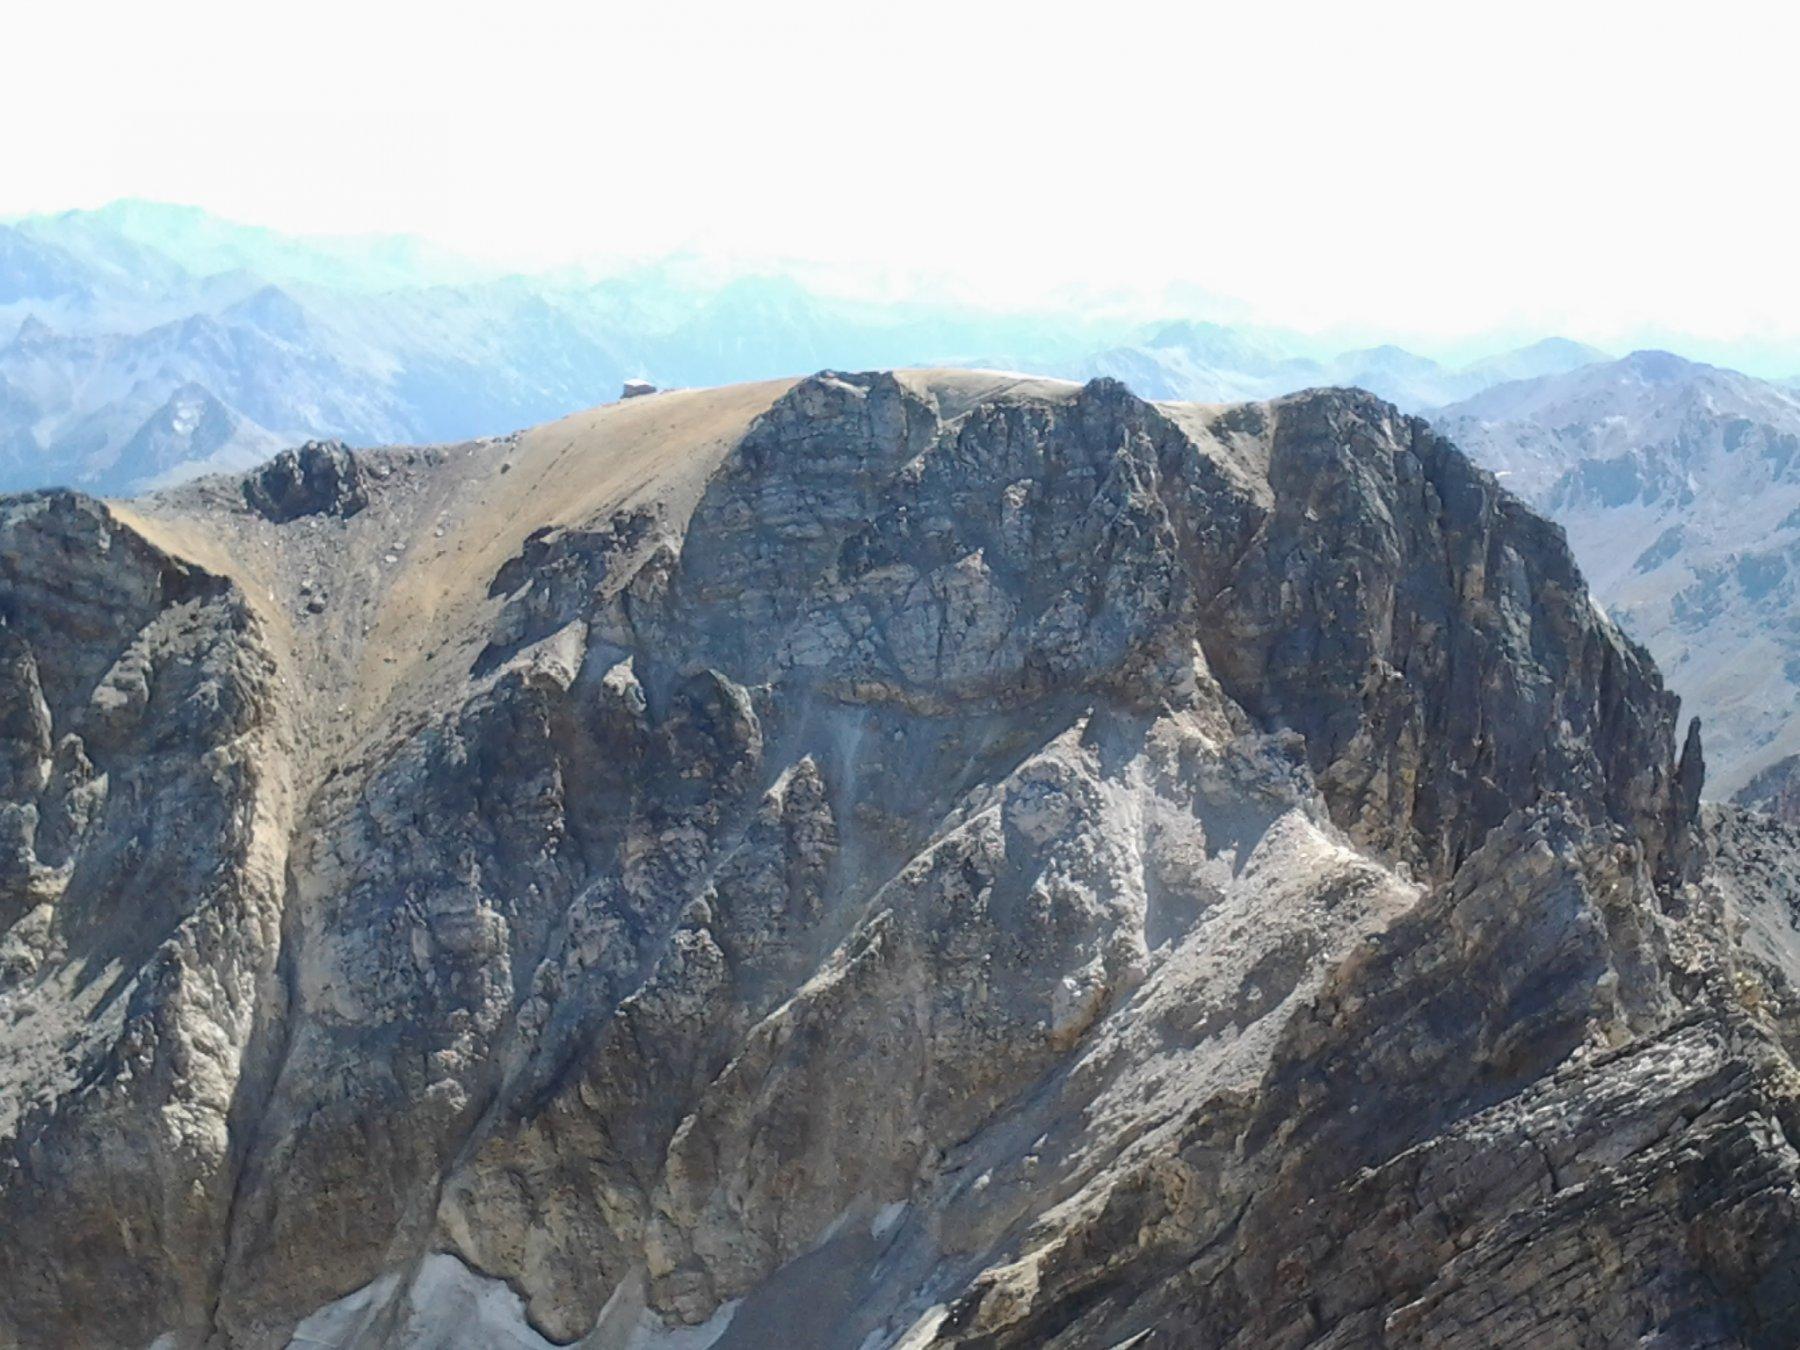 Il monte Thabor dalla cima del pic du Thabor